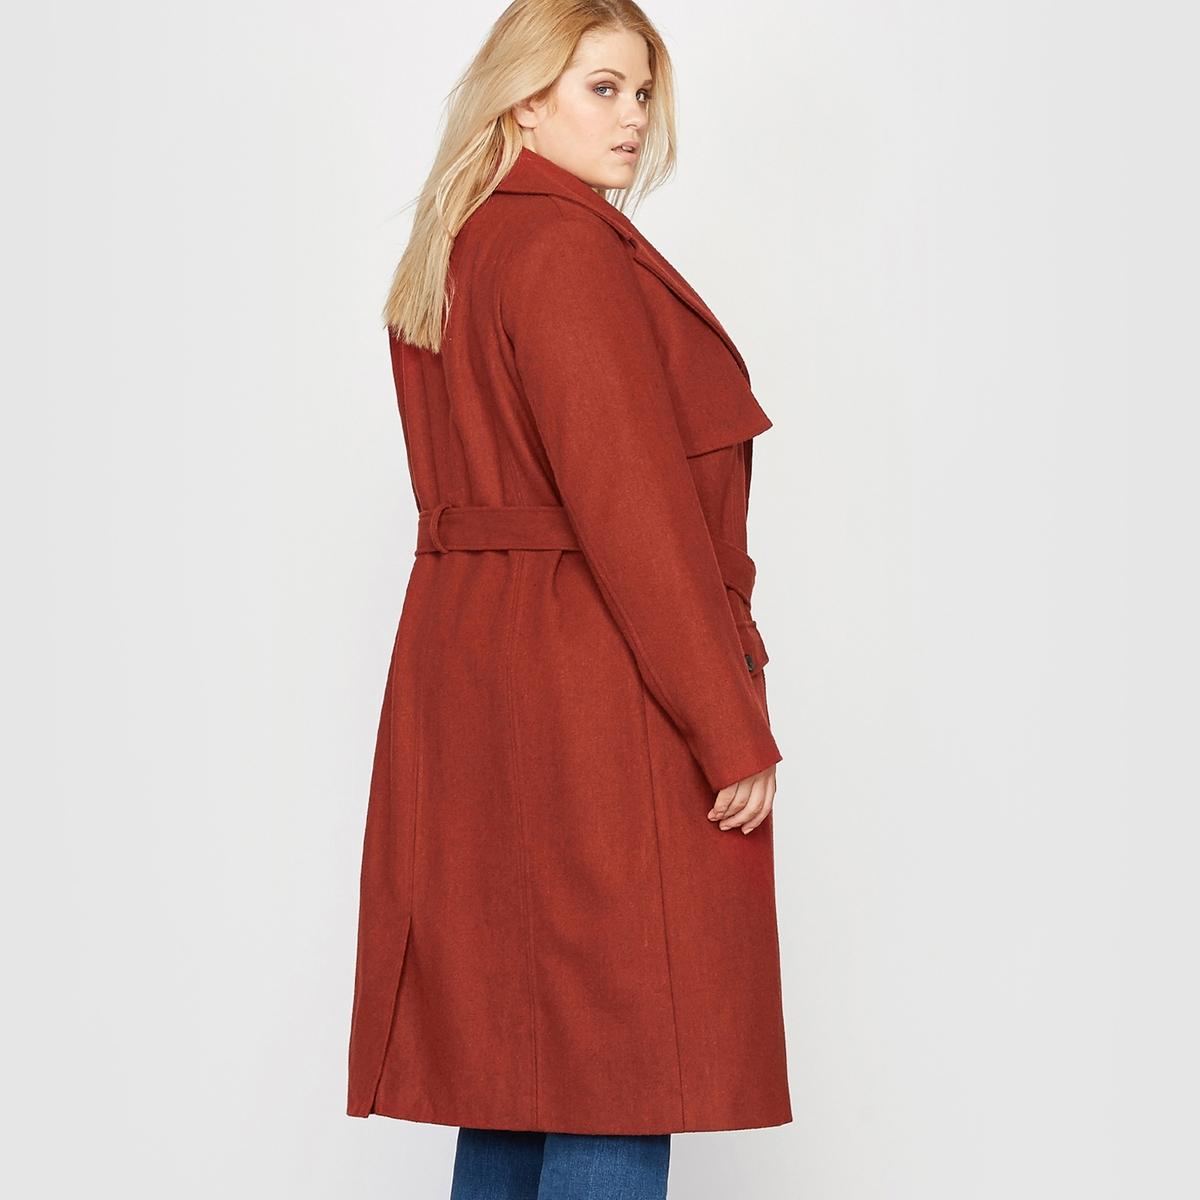 Пальто стилизовано под тренч, 40 % шерстиСостав и описание:Материал: мягкая и тёплая ткань, 60 % полиэстера, 40 % шерсти. Подкладка: 100 % полиэстера.Длина: 107 см для 48 размера. Марка: CASTALUNA.Уход:- Сухая чистка.<br><br>Цвет: красно-коричневый<br>Размер: 56 (FR) - 62 (RUS).46 (FR) - 52 (RUS)